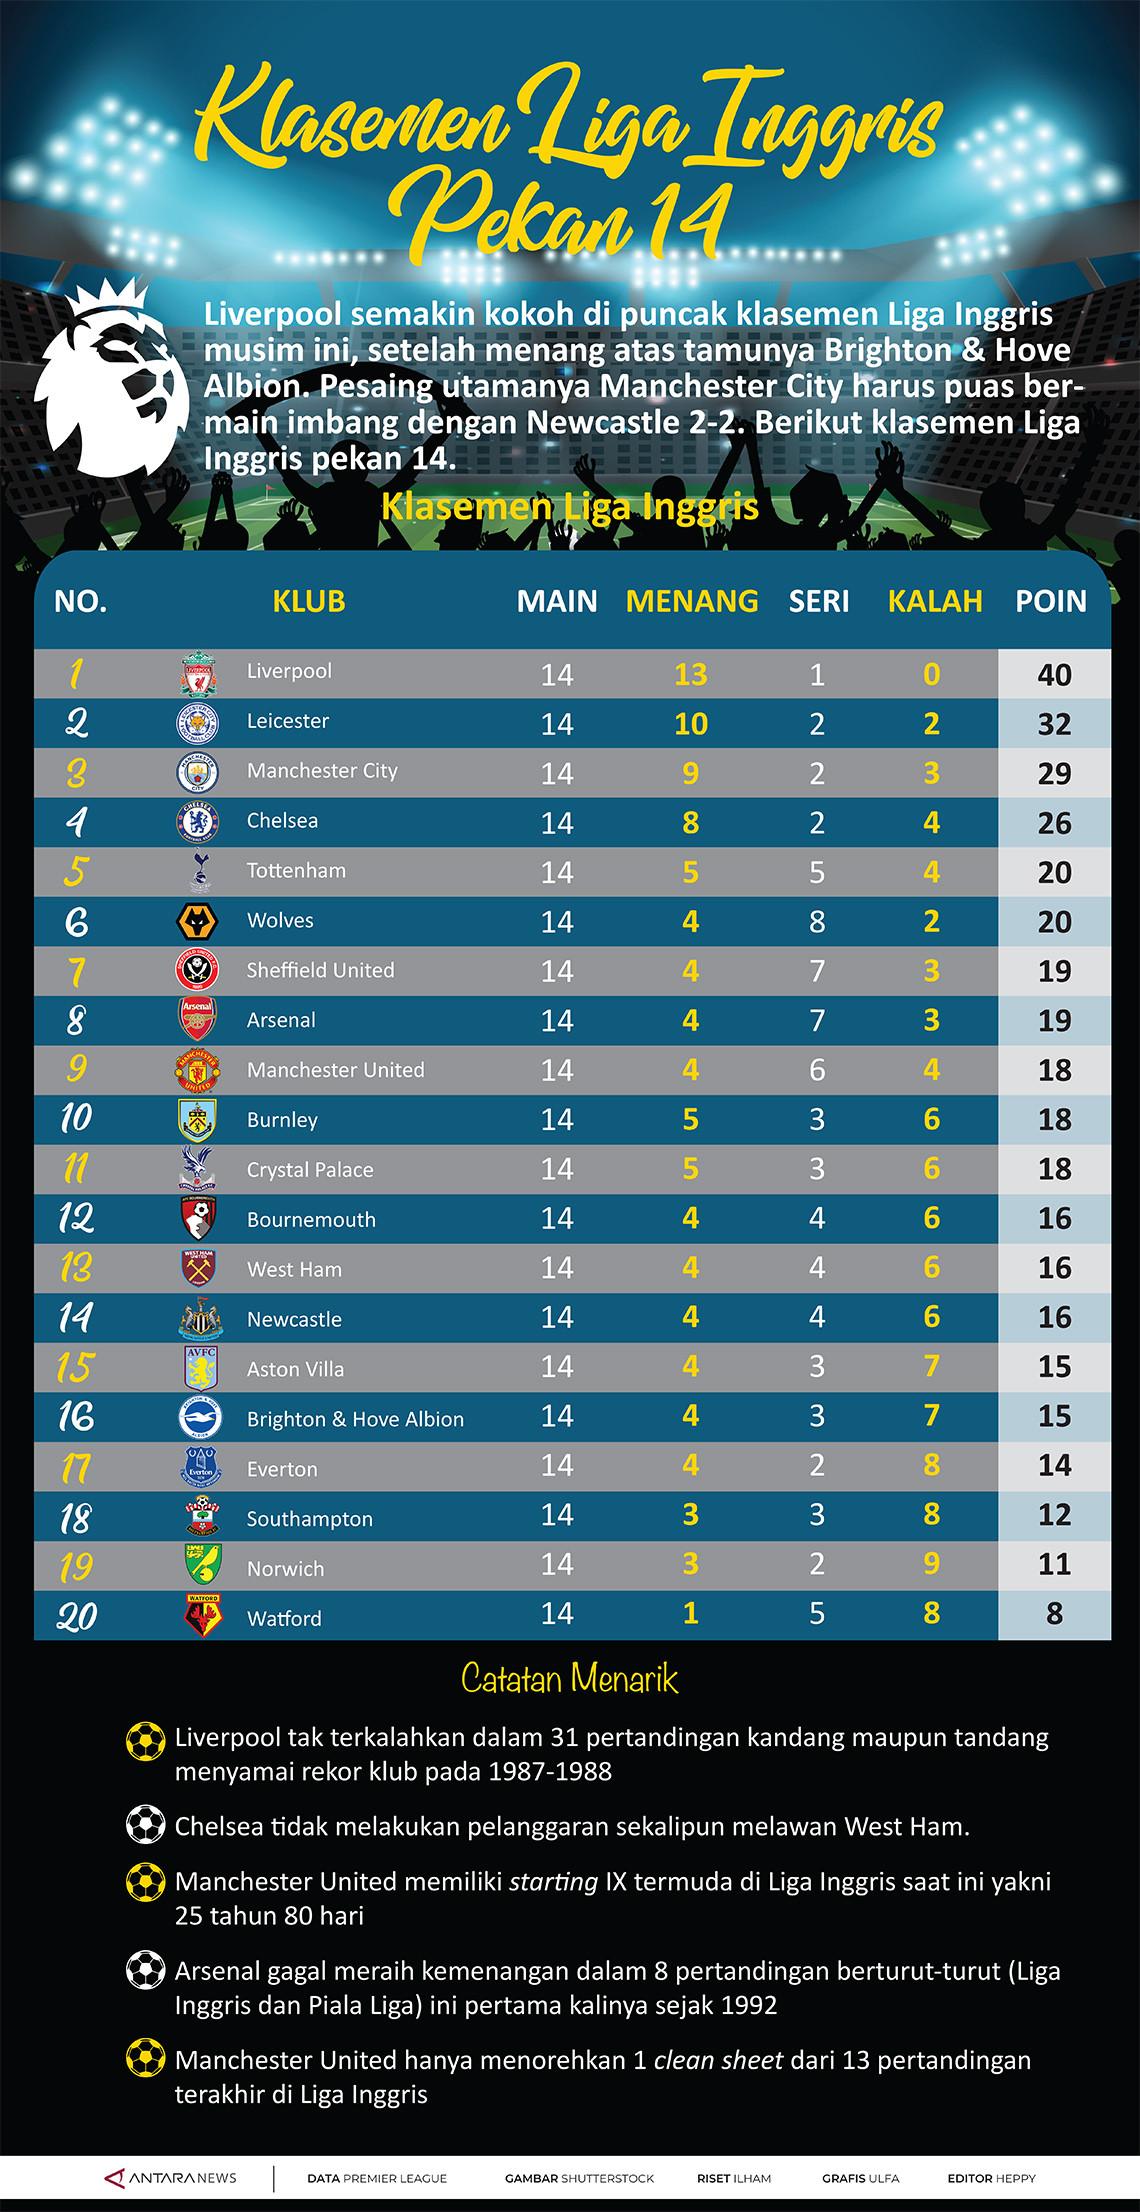 Klasemen Liga Inggris Pekan 14 - acehimage.com